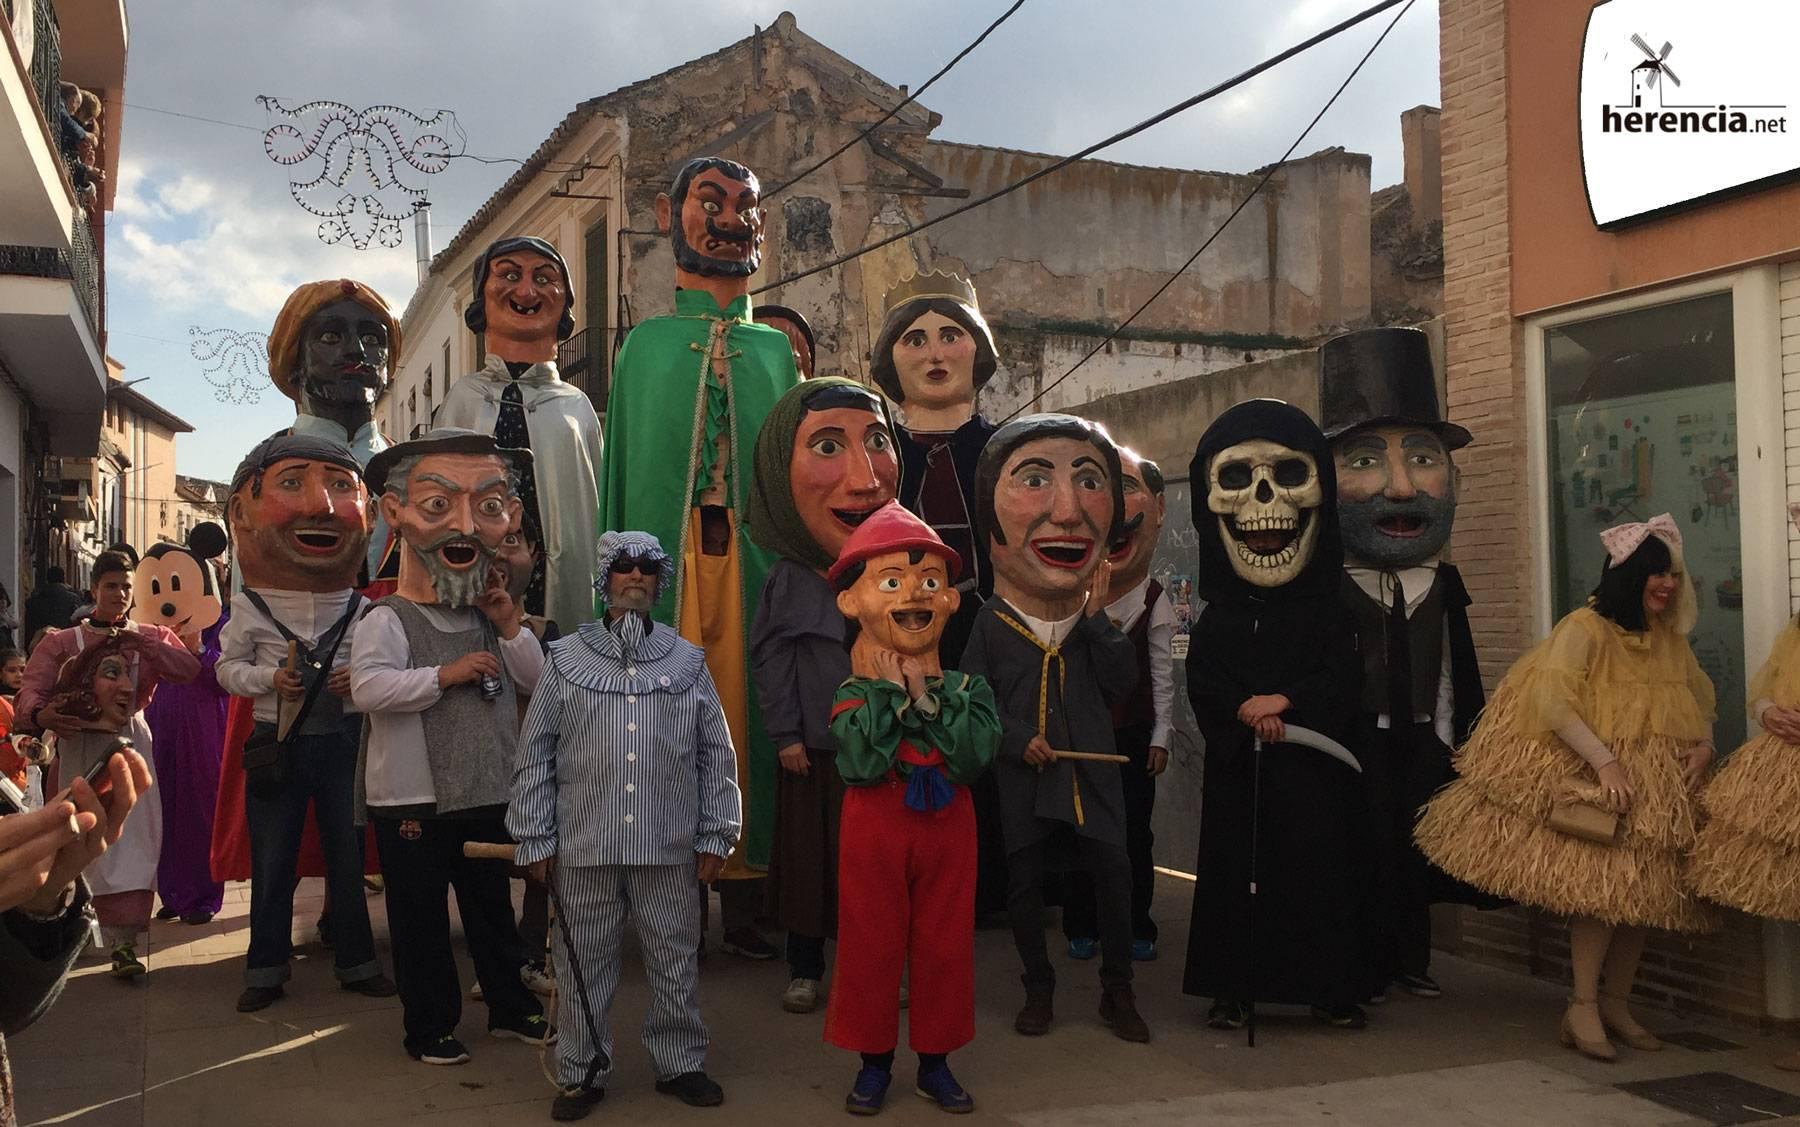 El Carnaval de Herencia camino de Madrid para la declaración de Interés Turístico Nacional 3